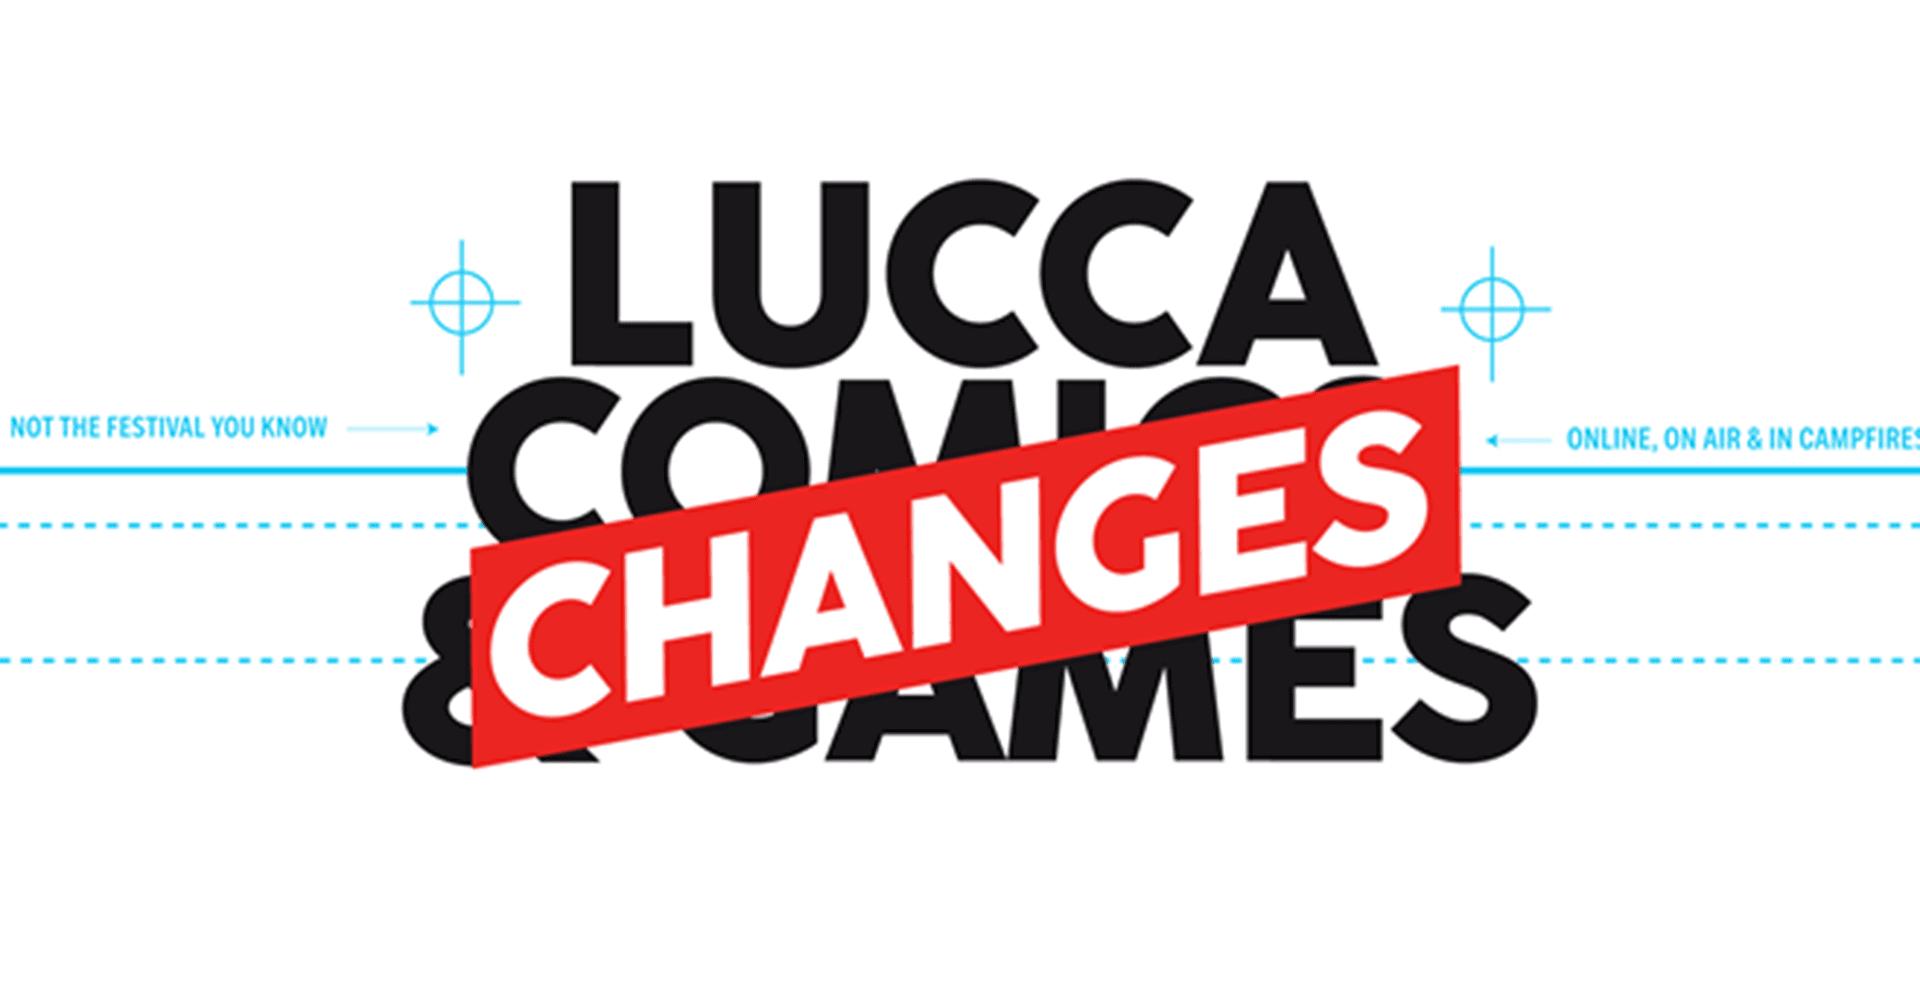 Lucca Changes, tutti gli eventi saranno disponibili in digitale